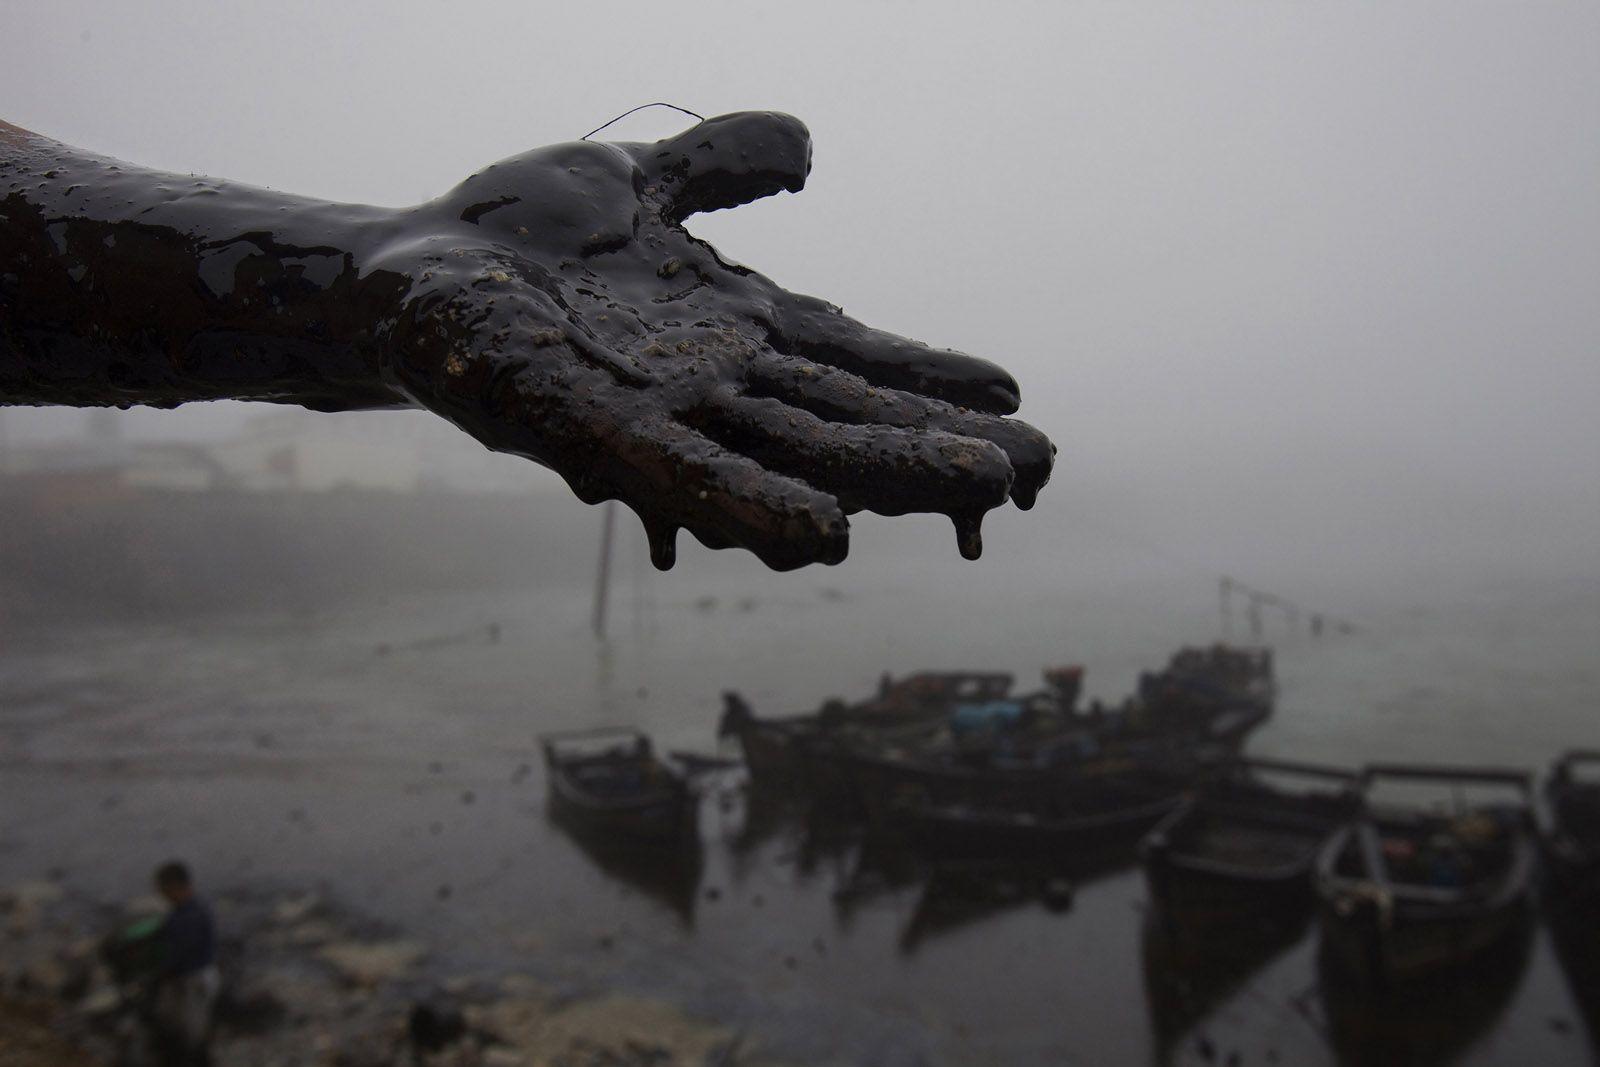 Dalian Oil Spill Liaoning 2010 C Lu Guang Fotografia Da Natureza